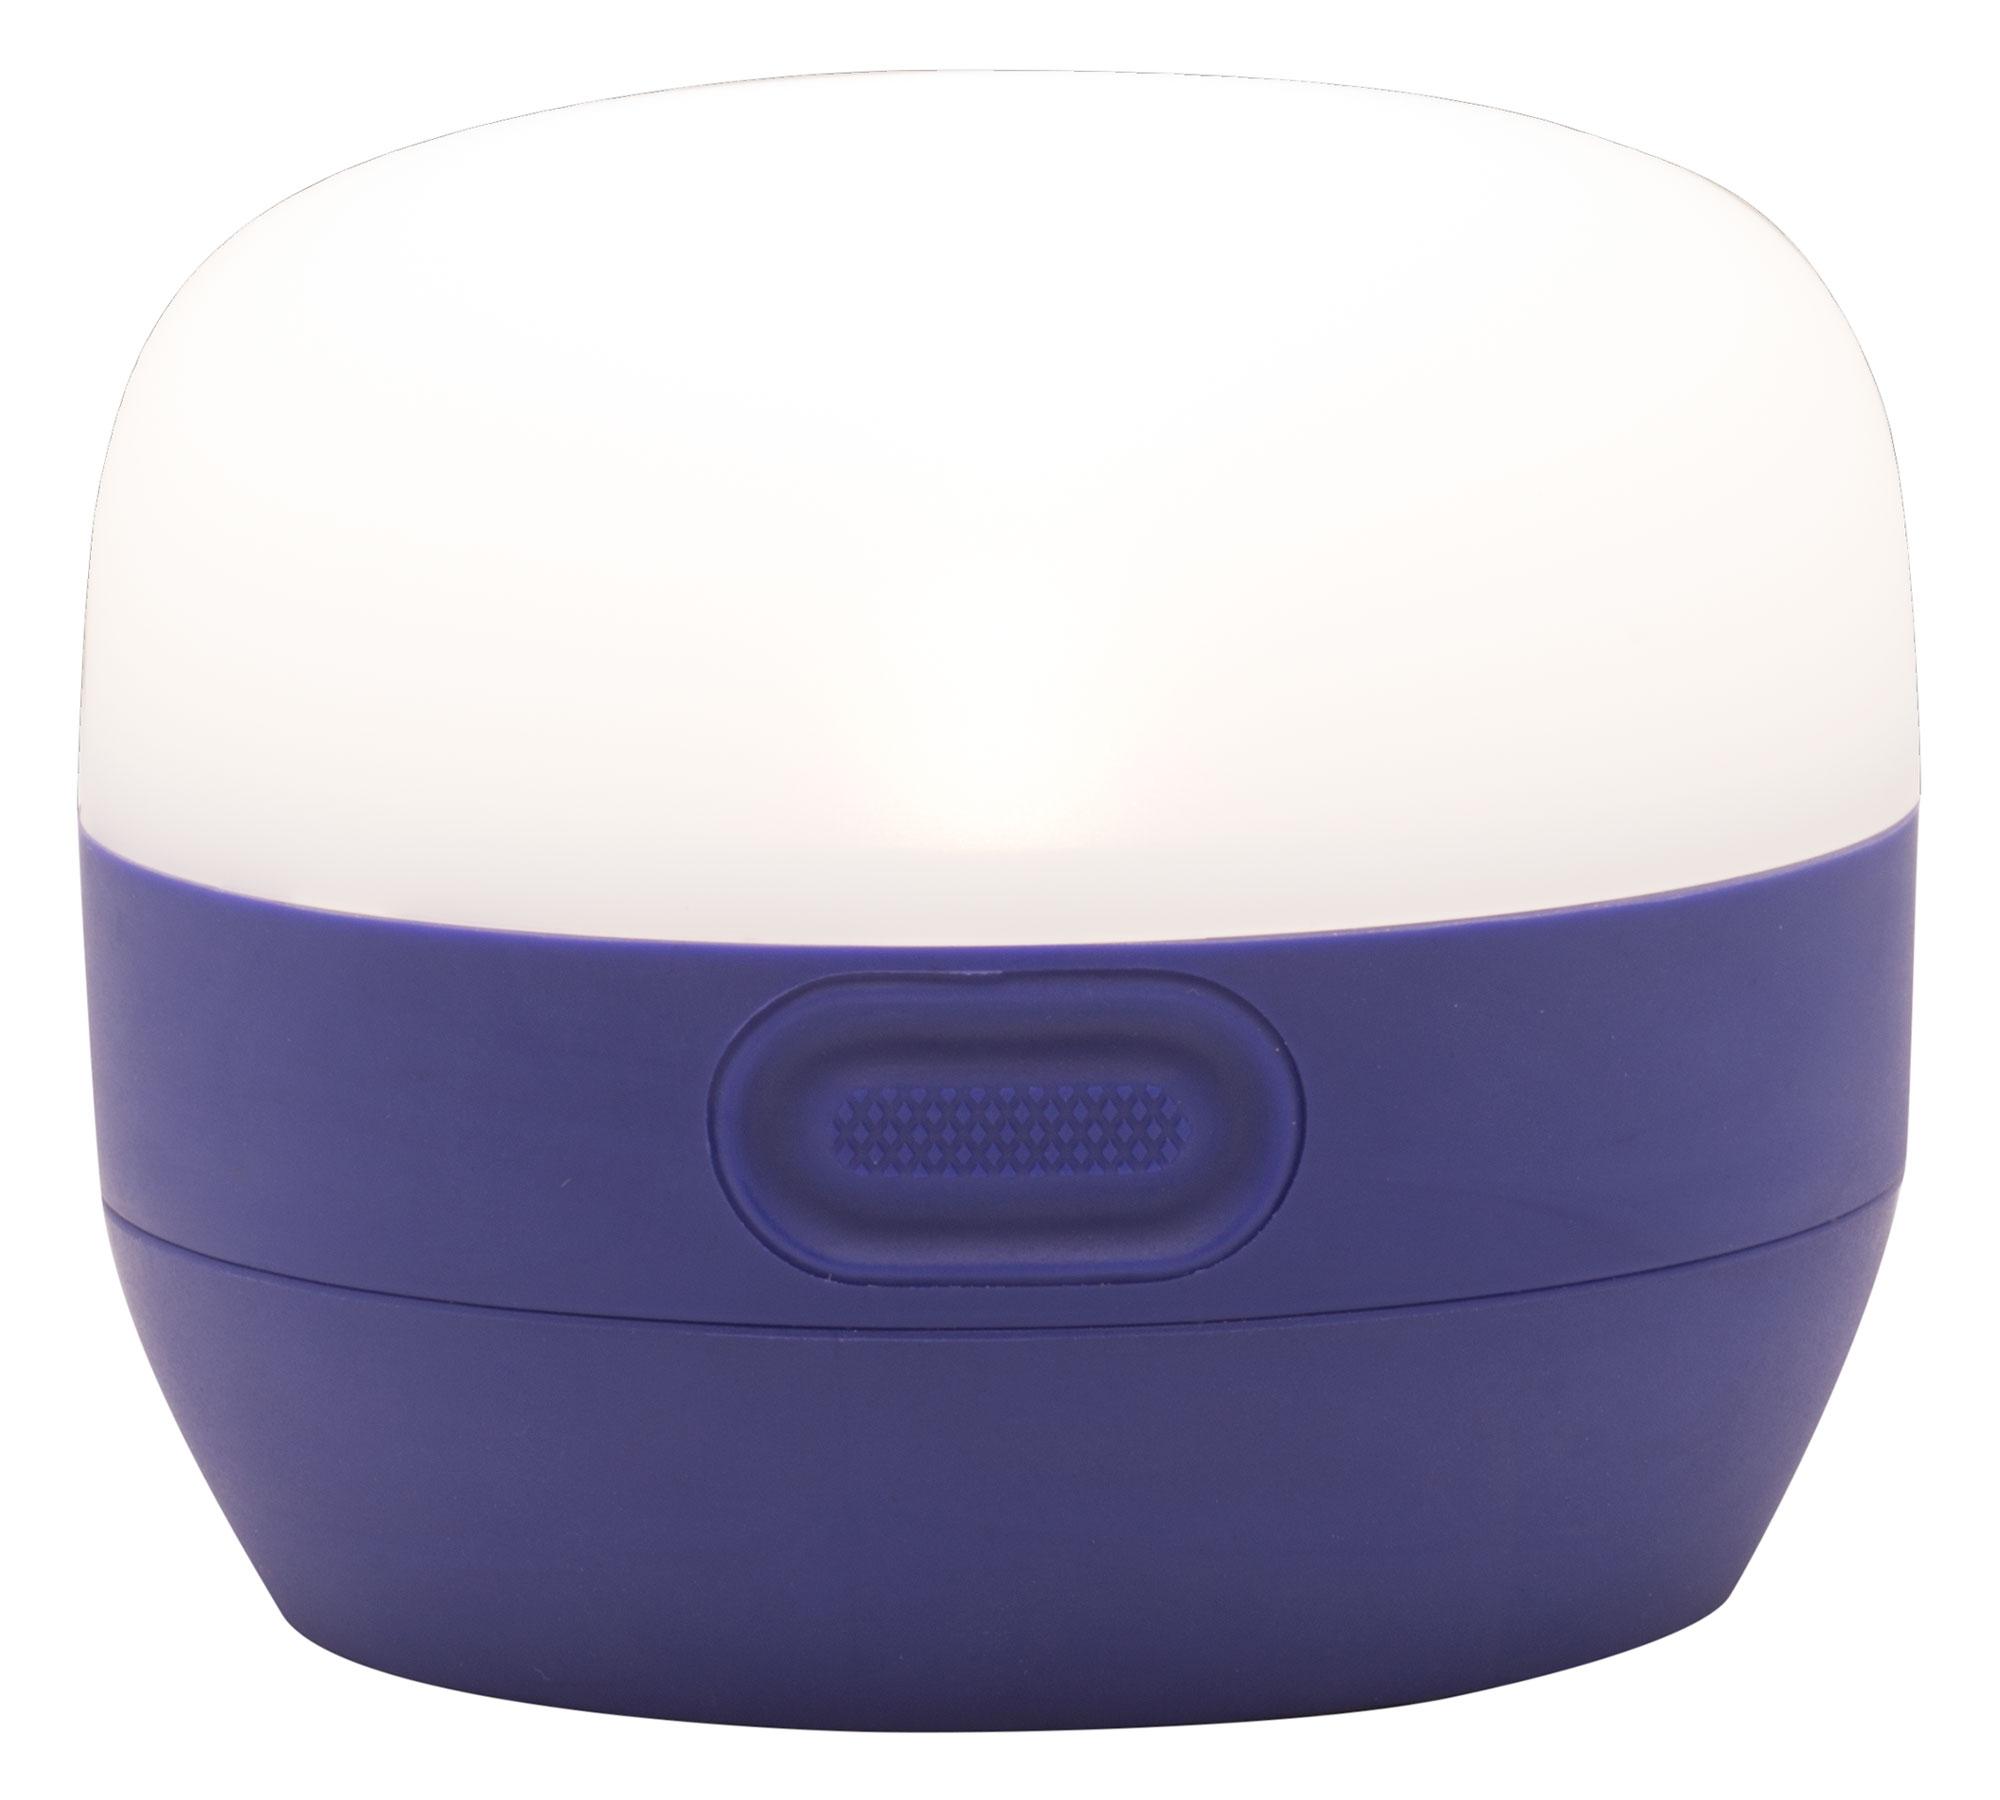 ├登山樂┤美國Black Diamond moji 100流明營燈(藍紫色)#620711-plum